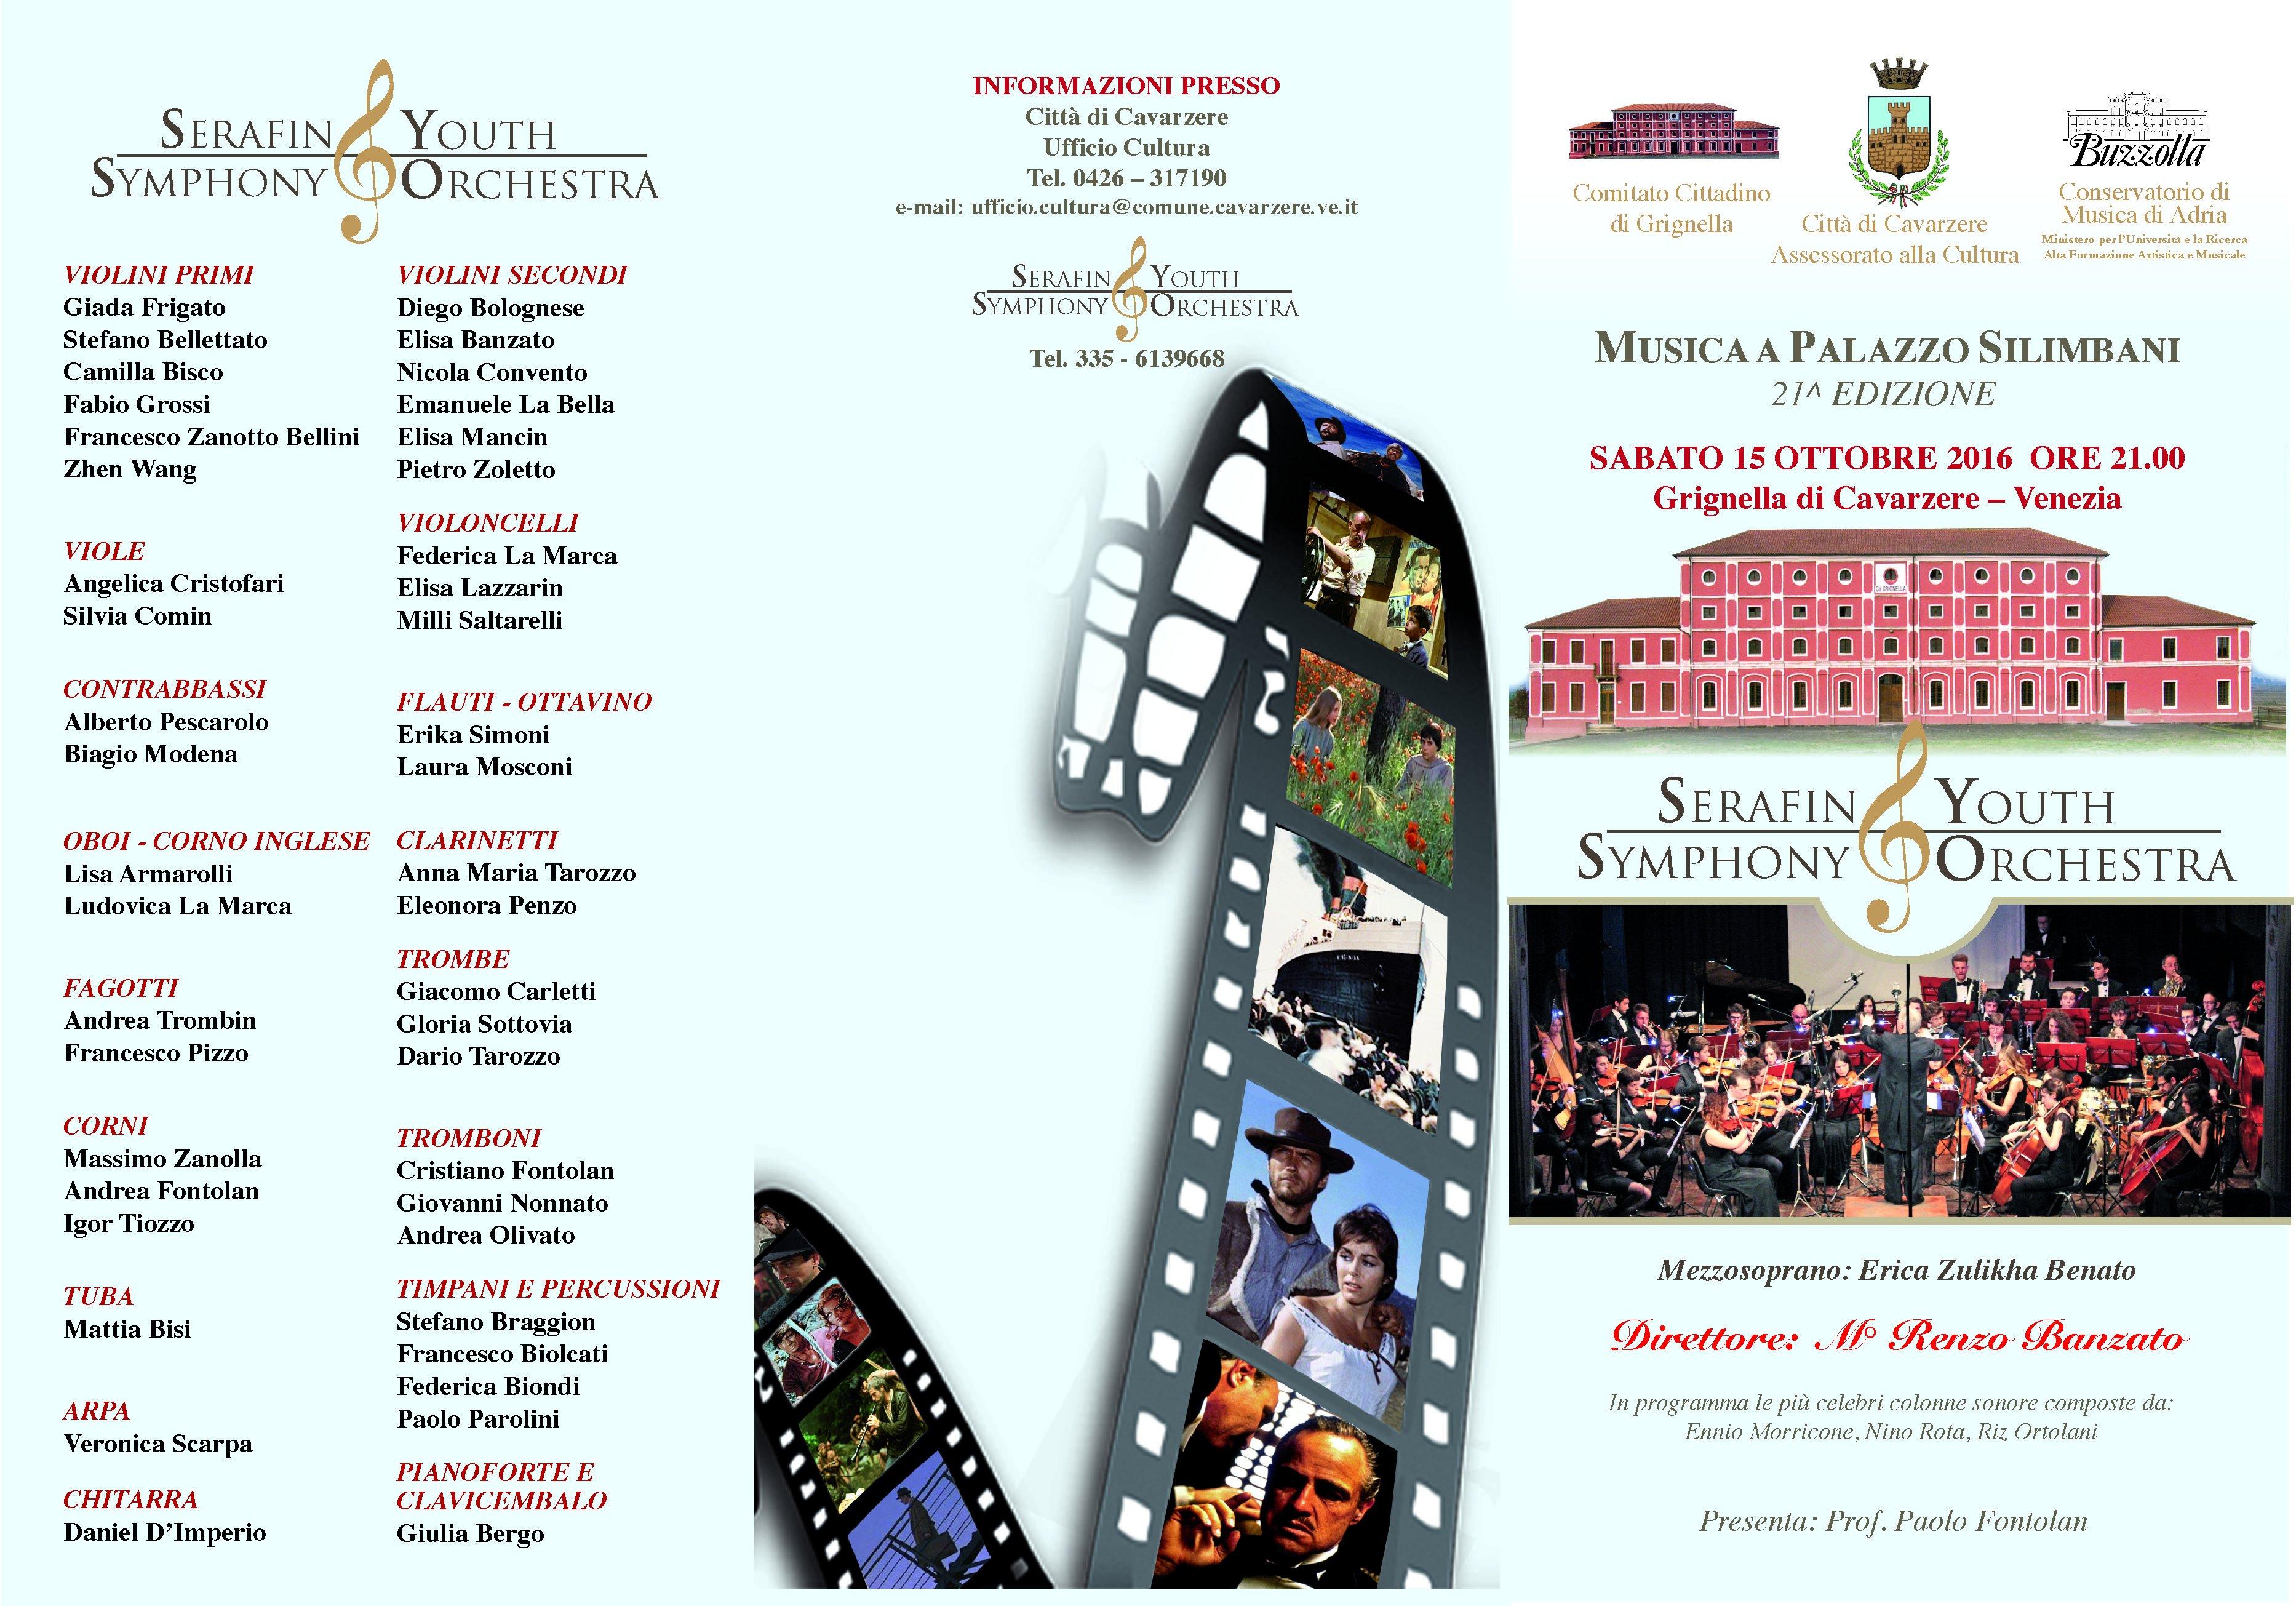 concerto-grignella-syso-2016-01